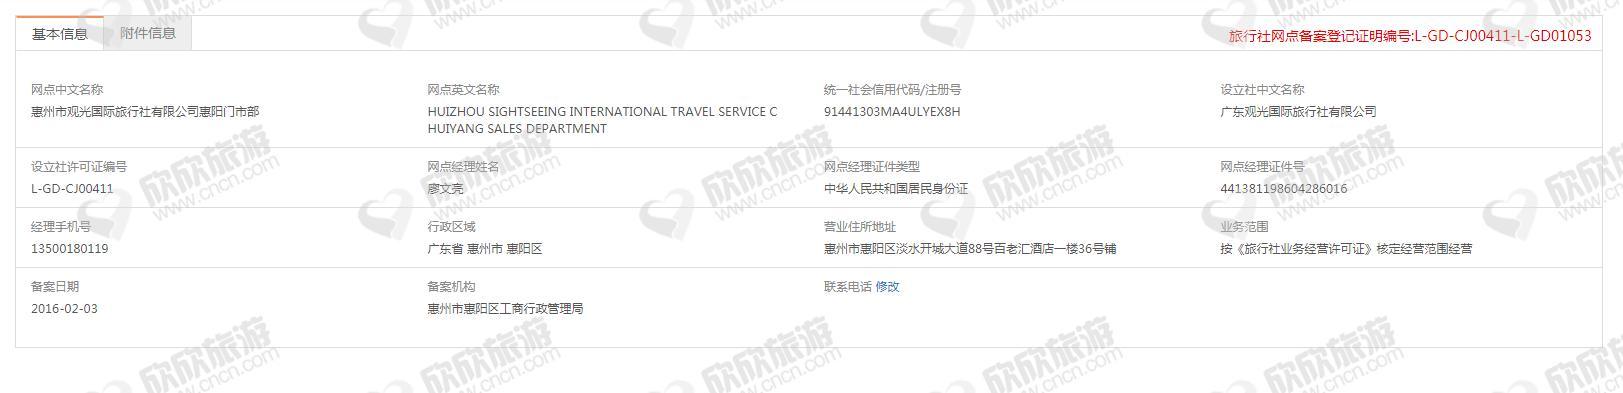 惠州市观光国际旅行社有限公司惠阳门市部经营许可证